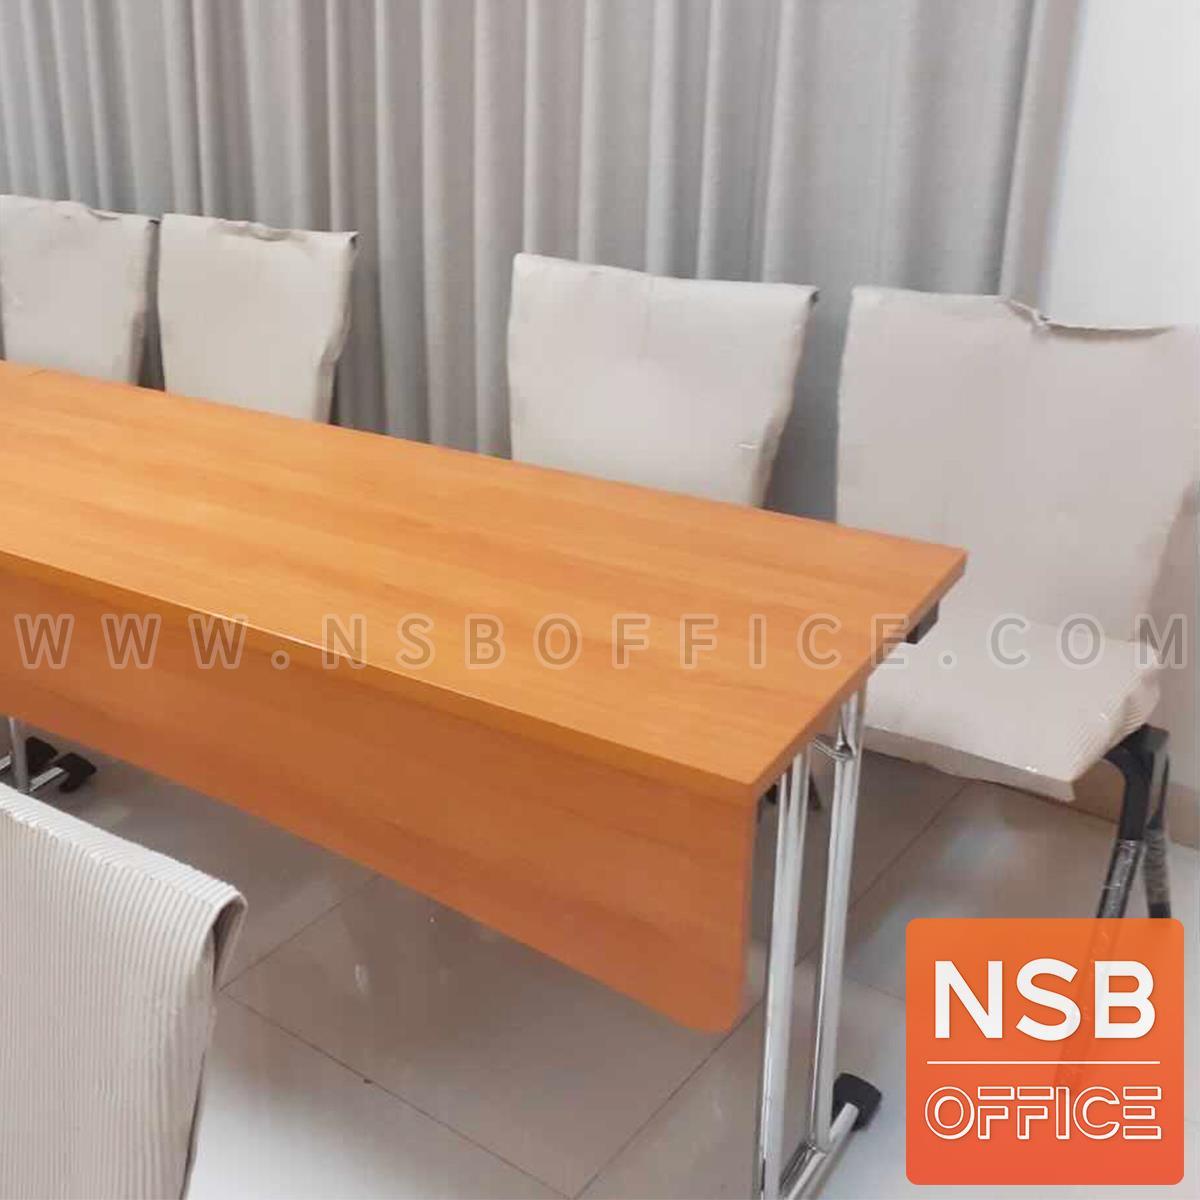 โต๊ะประชุมพับเก็บได้ รุ่น MN-1206 ขนาด 120W ,150W ,180W*60D ,80D cm. ขาเหล็กเสาคู่ทรงตัวที พร้อมบังโป๊ไม้